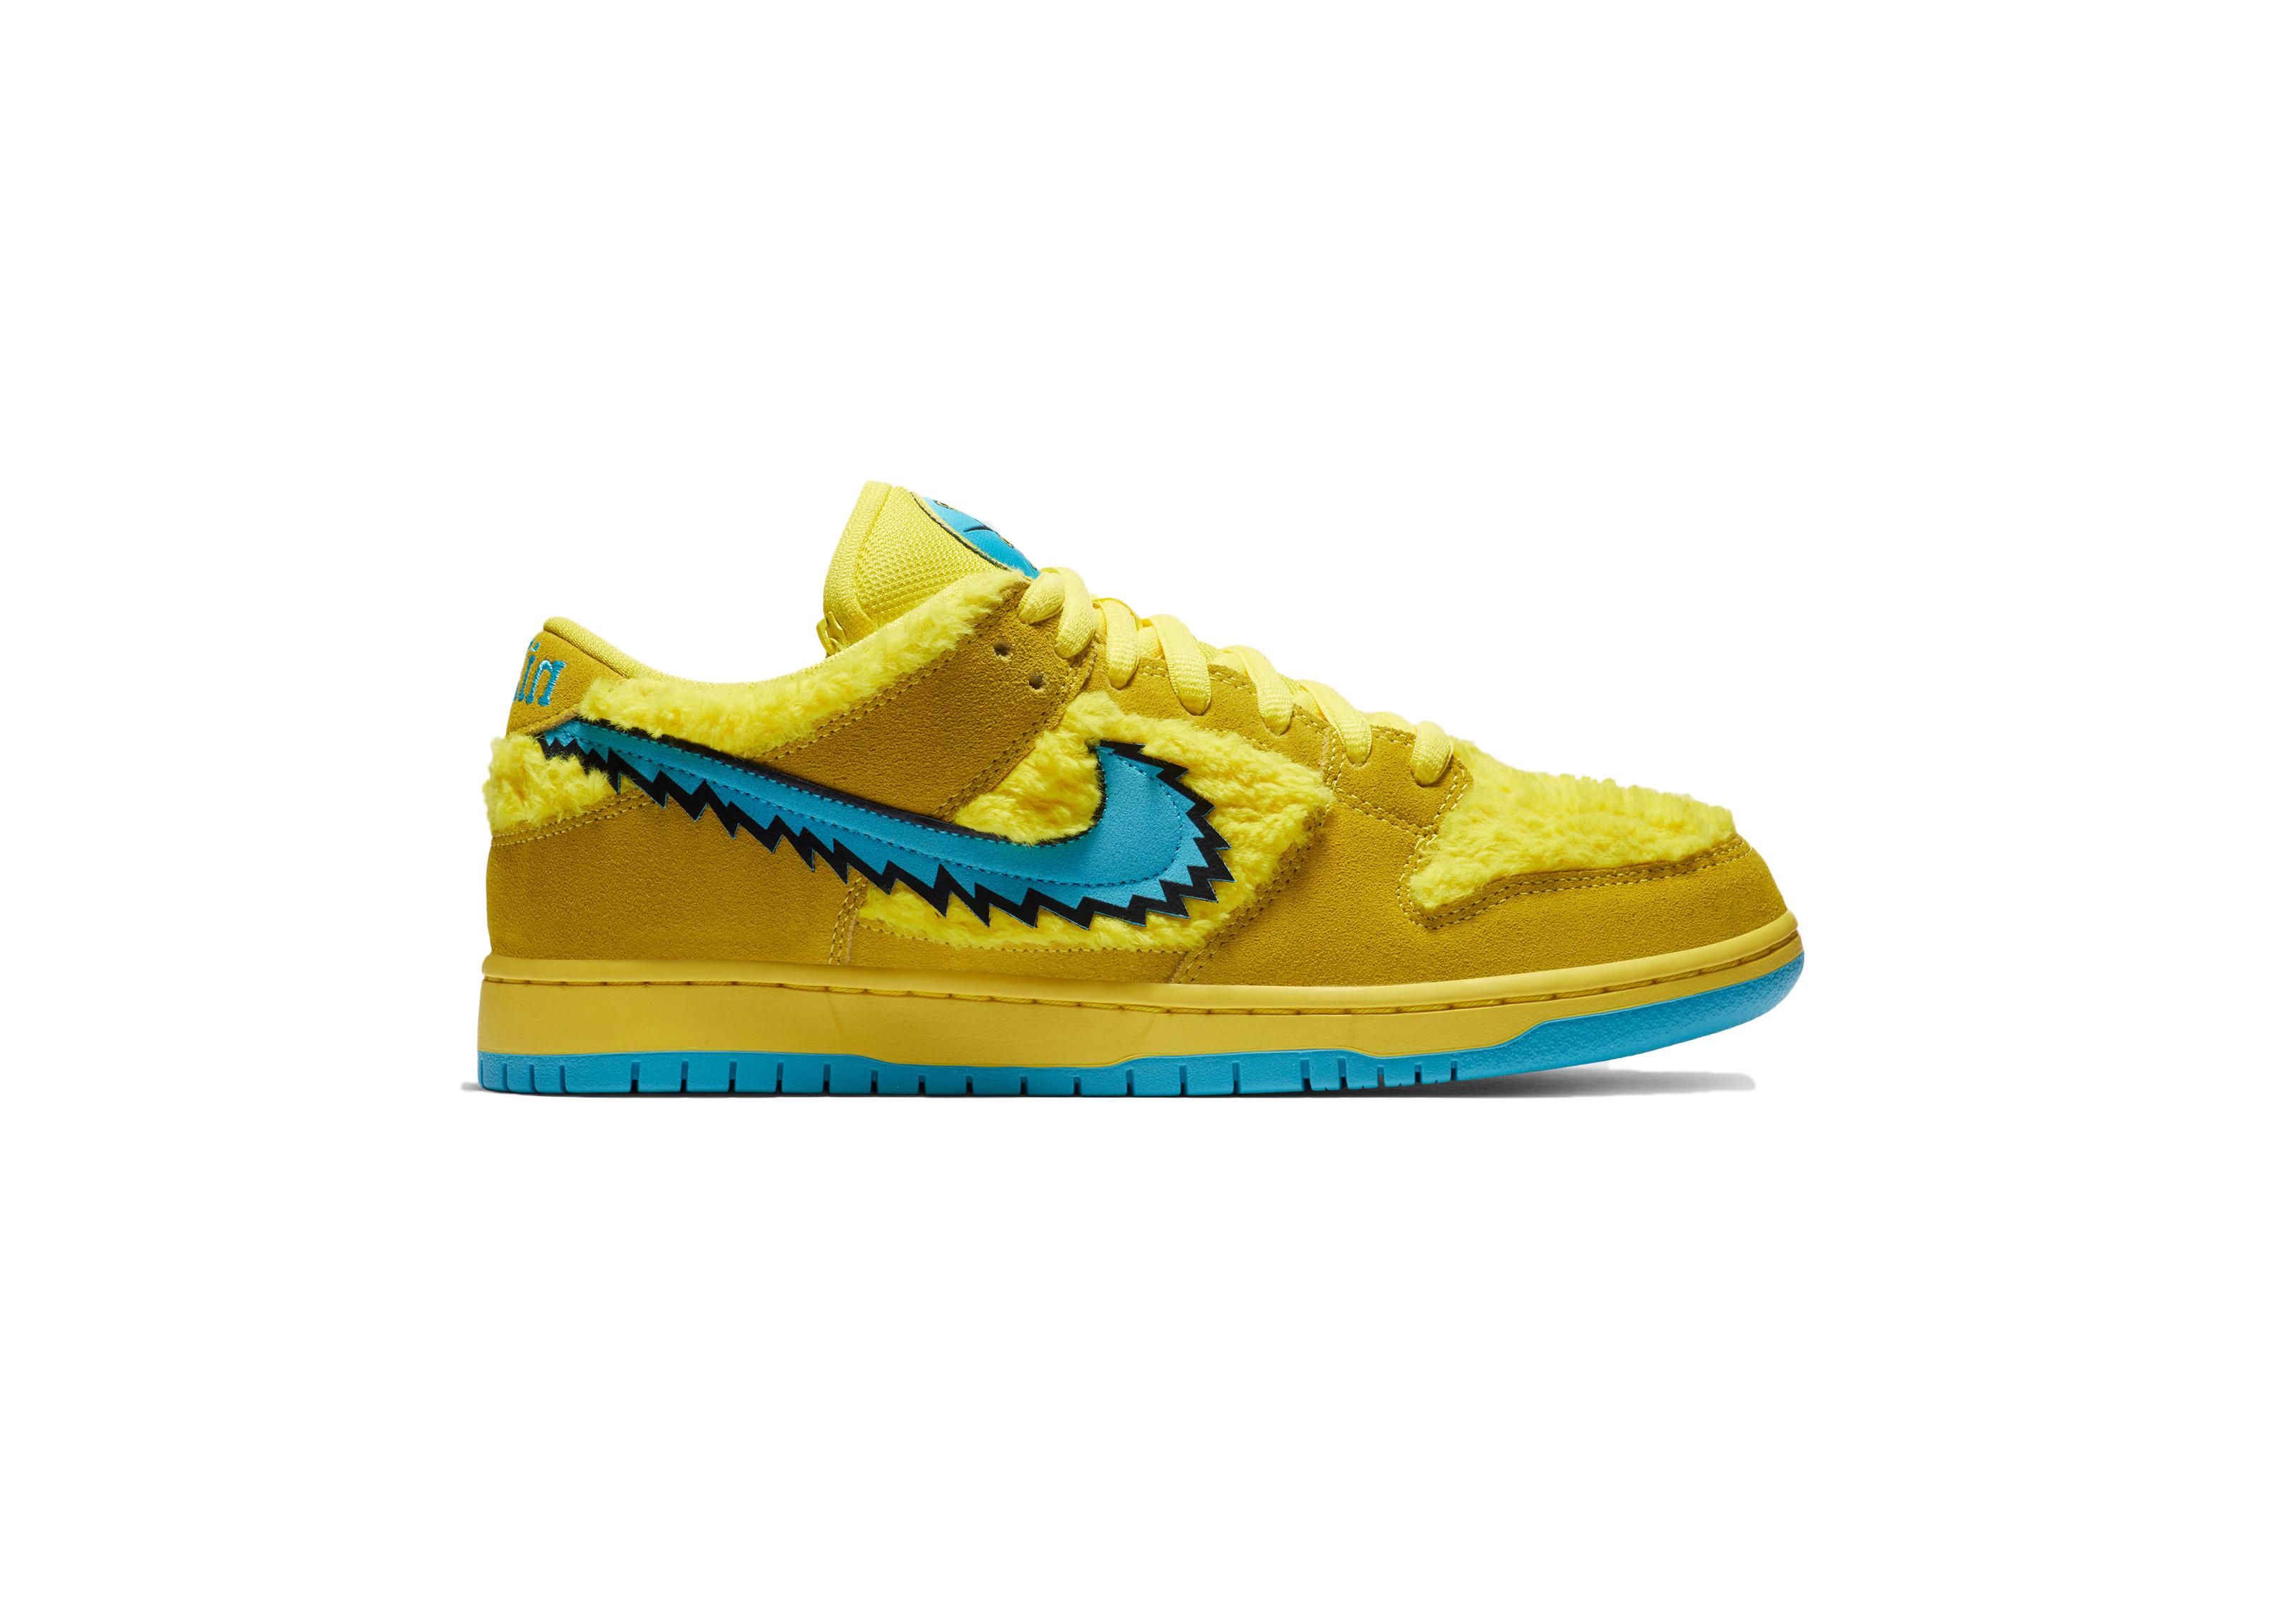 nike sb yellow